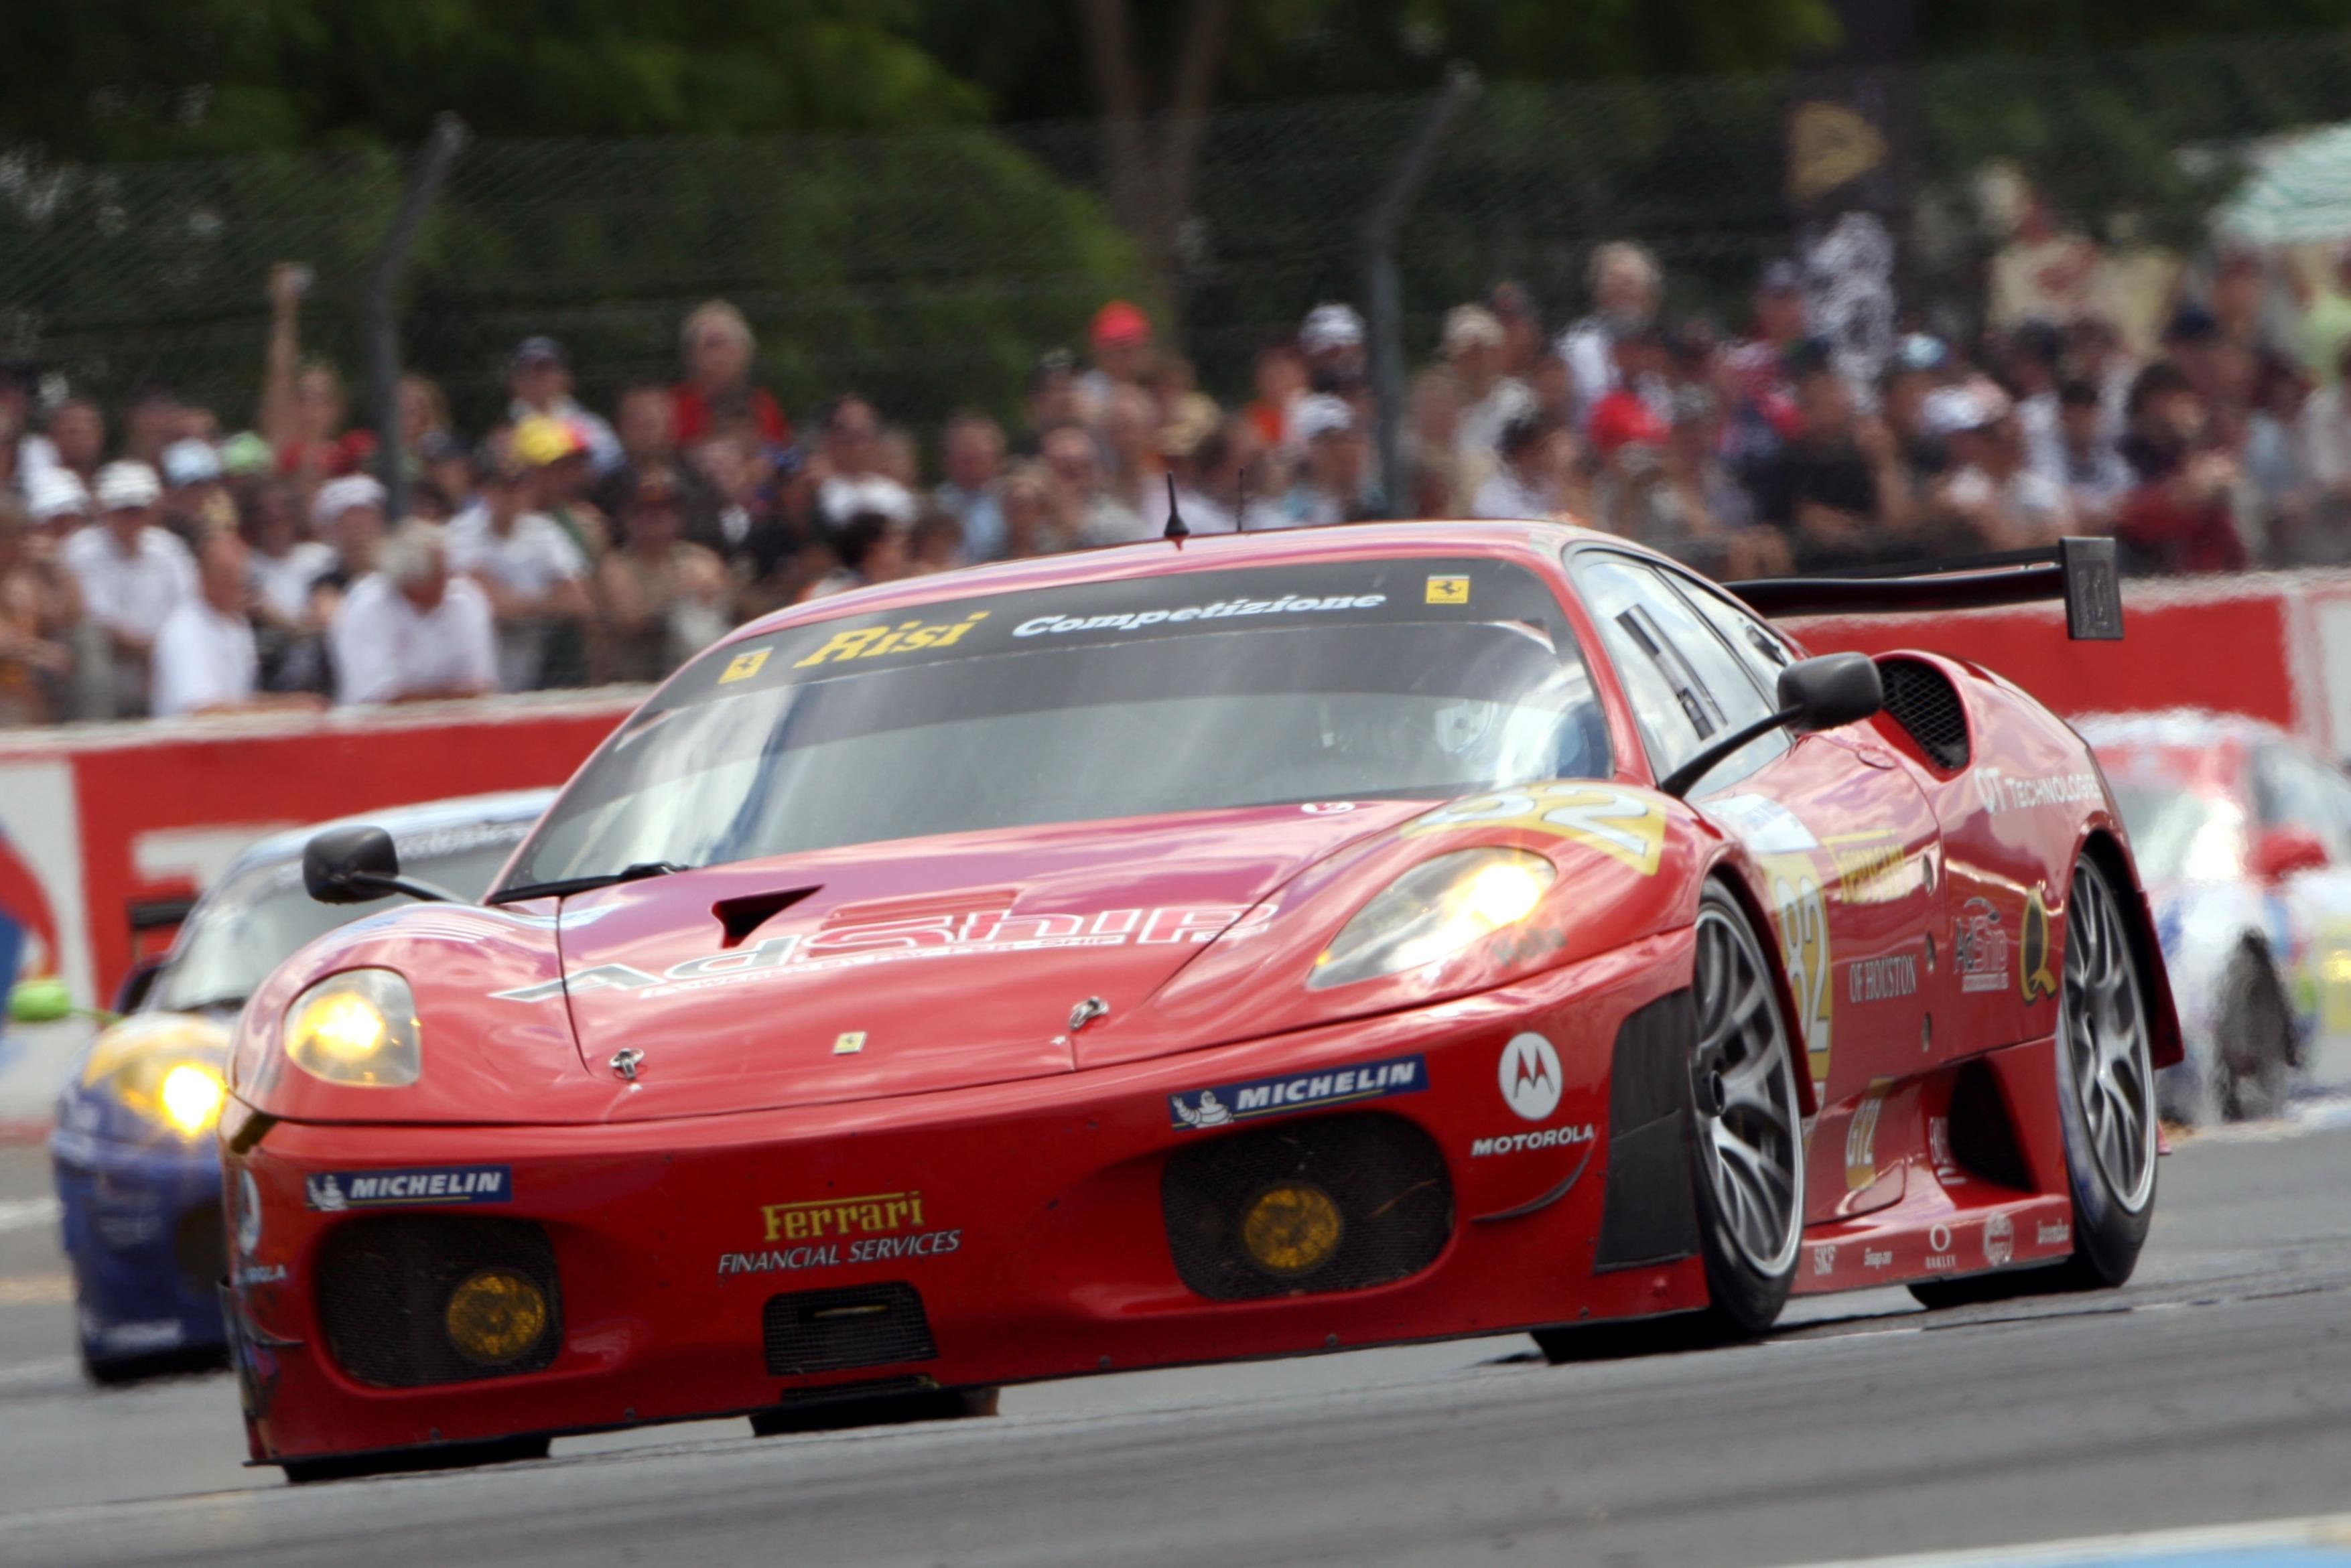 Risi Competizione Ferrari F430 Le Mans 2009